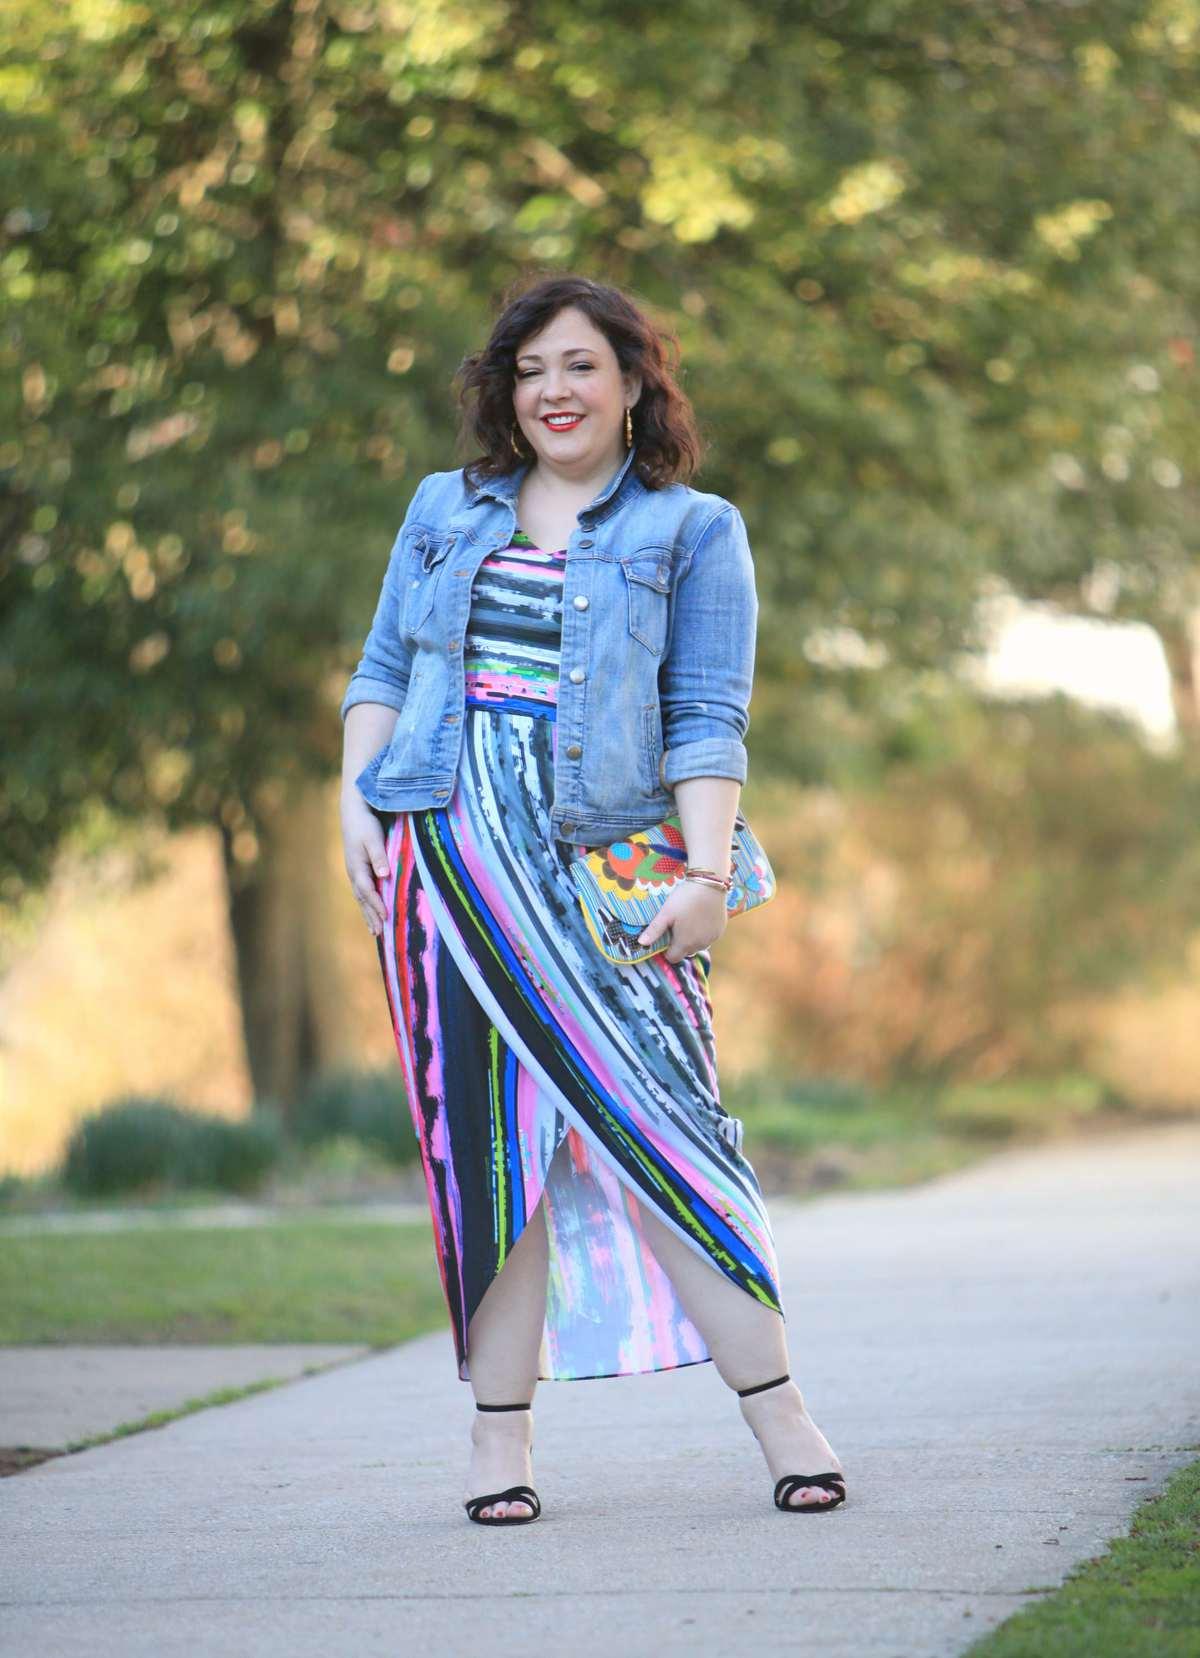 wardrobe oxygen over 40 fashion blog featuring gwynnie bee